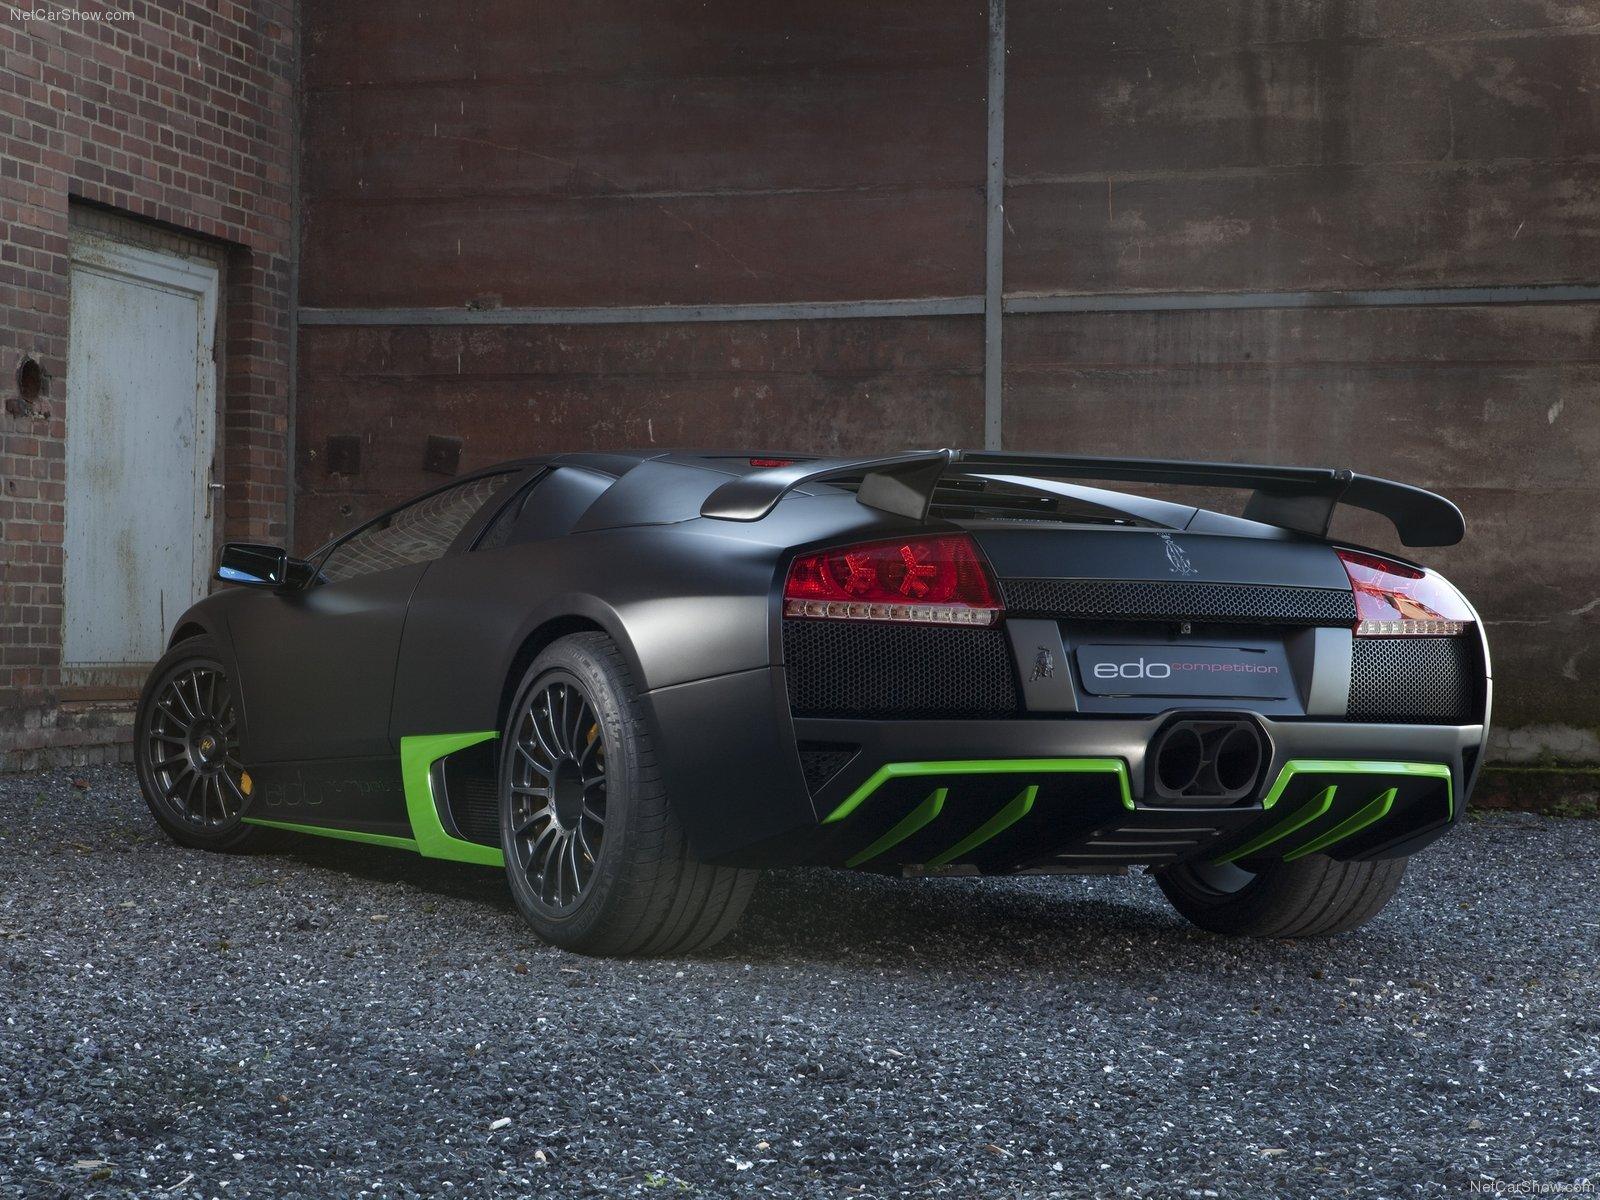 Hình ảnh siêu xe Edo Lamborghini Murcielago LP750 2011 & nội ngoại thất